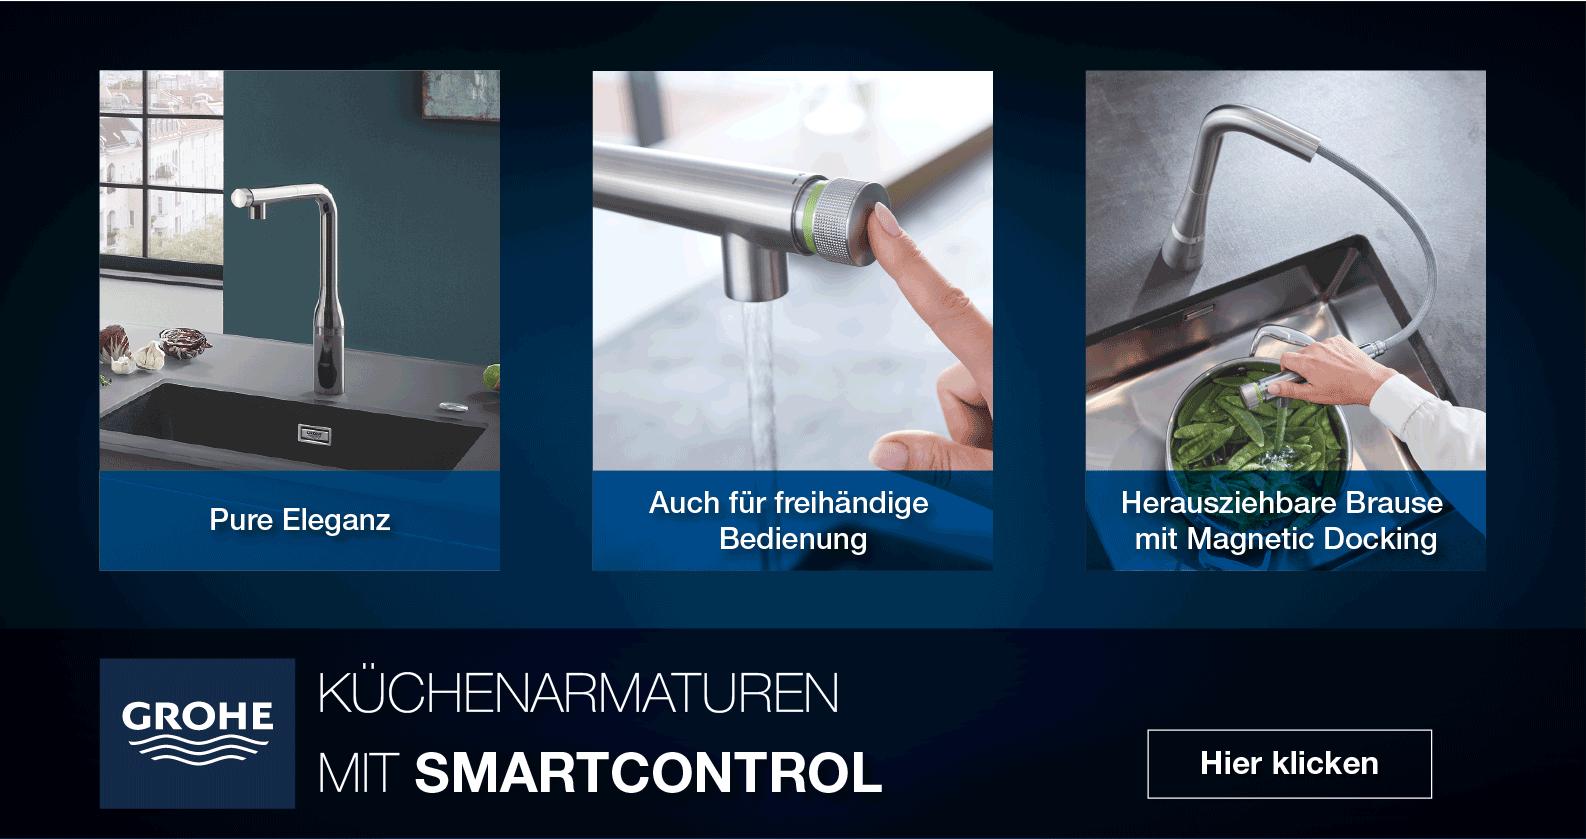 GROHE Küchenarmaturen mit SmartControl bei xTWOstore